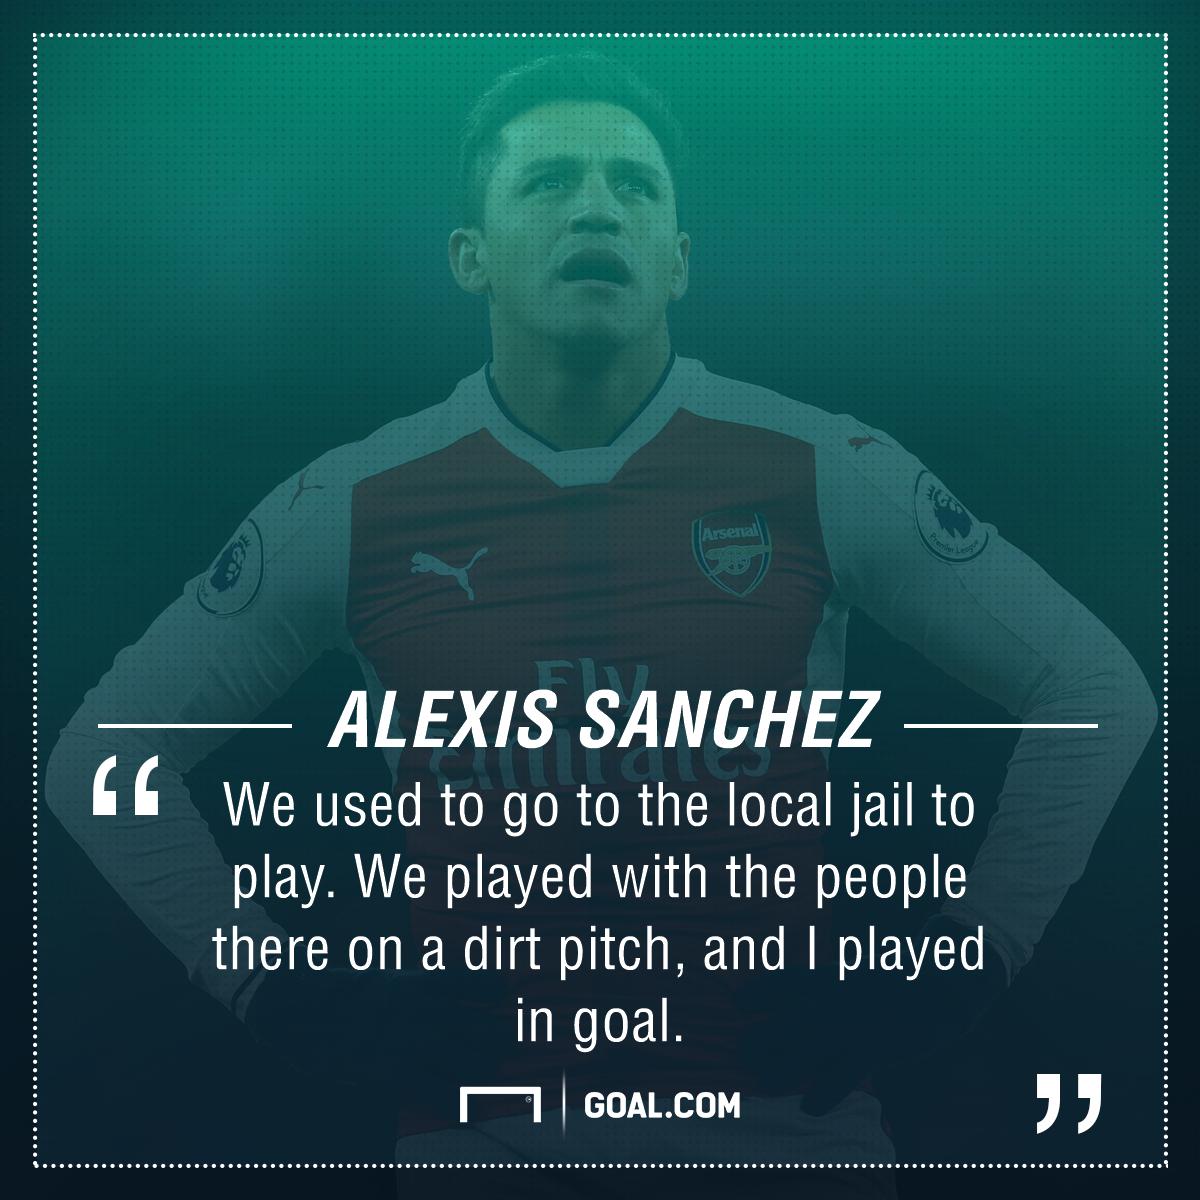 Alexis Sanchez jail